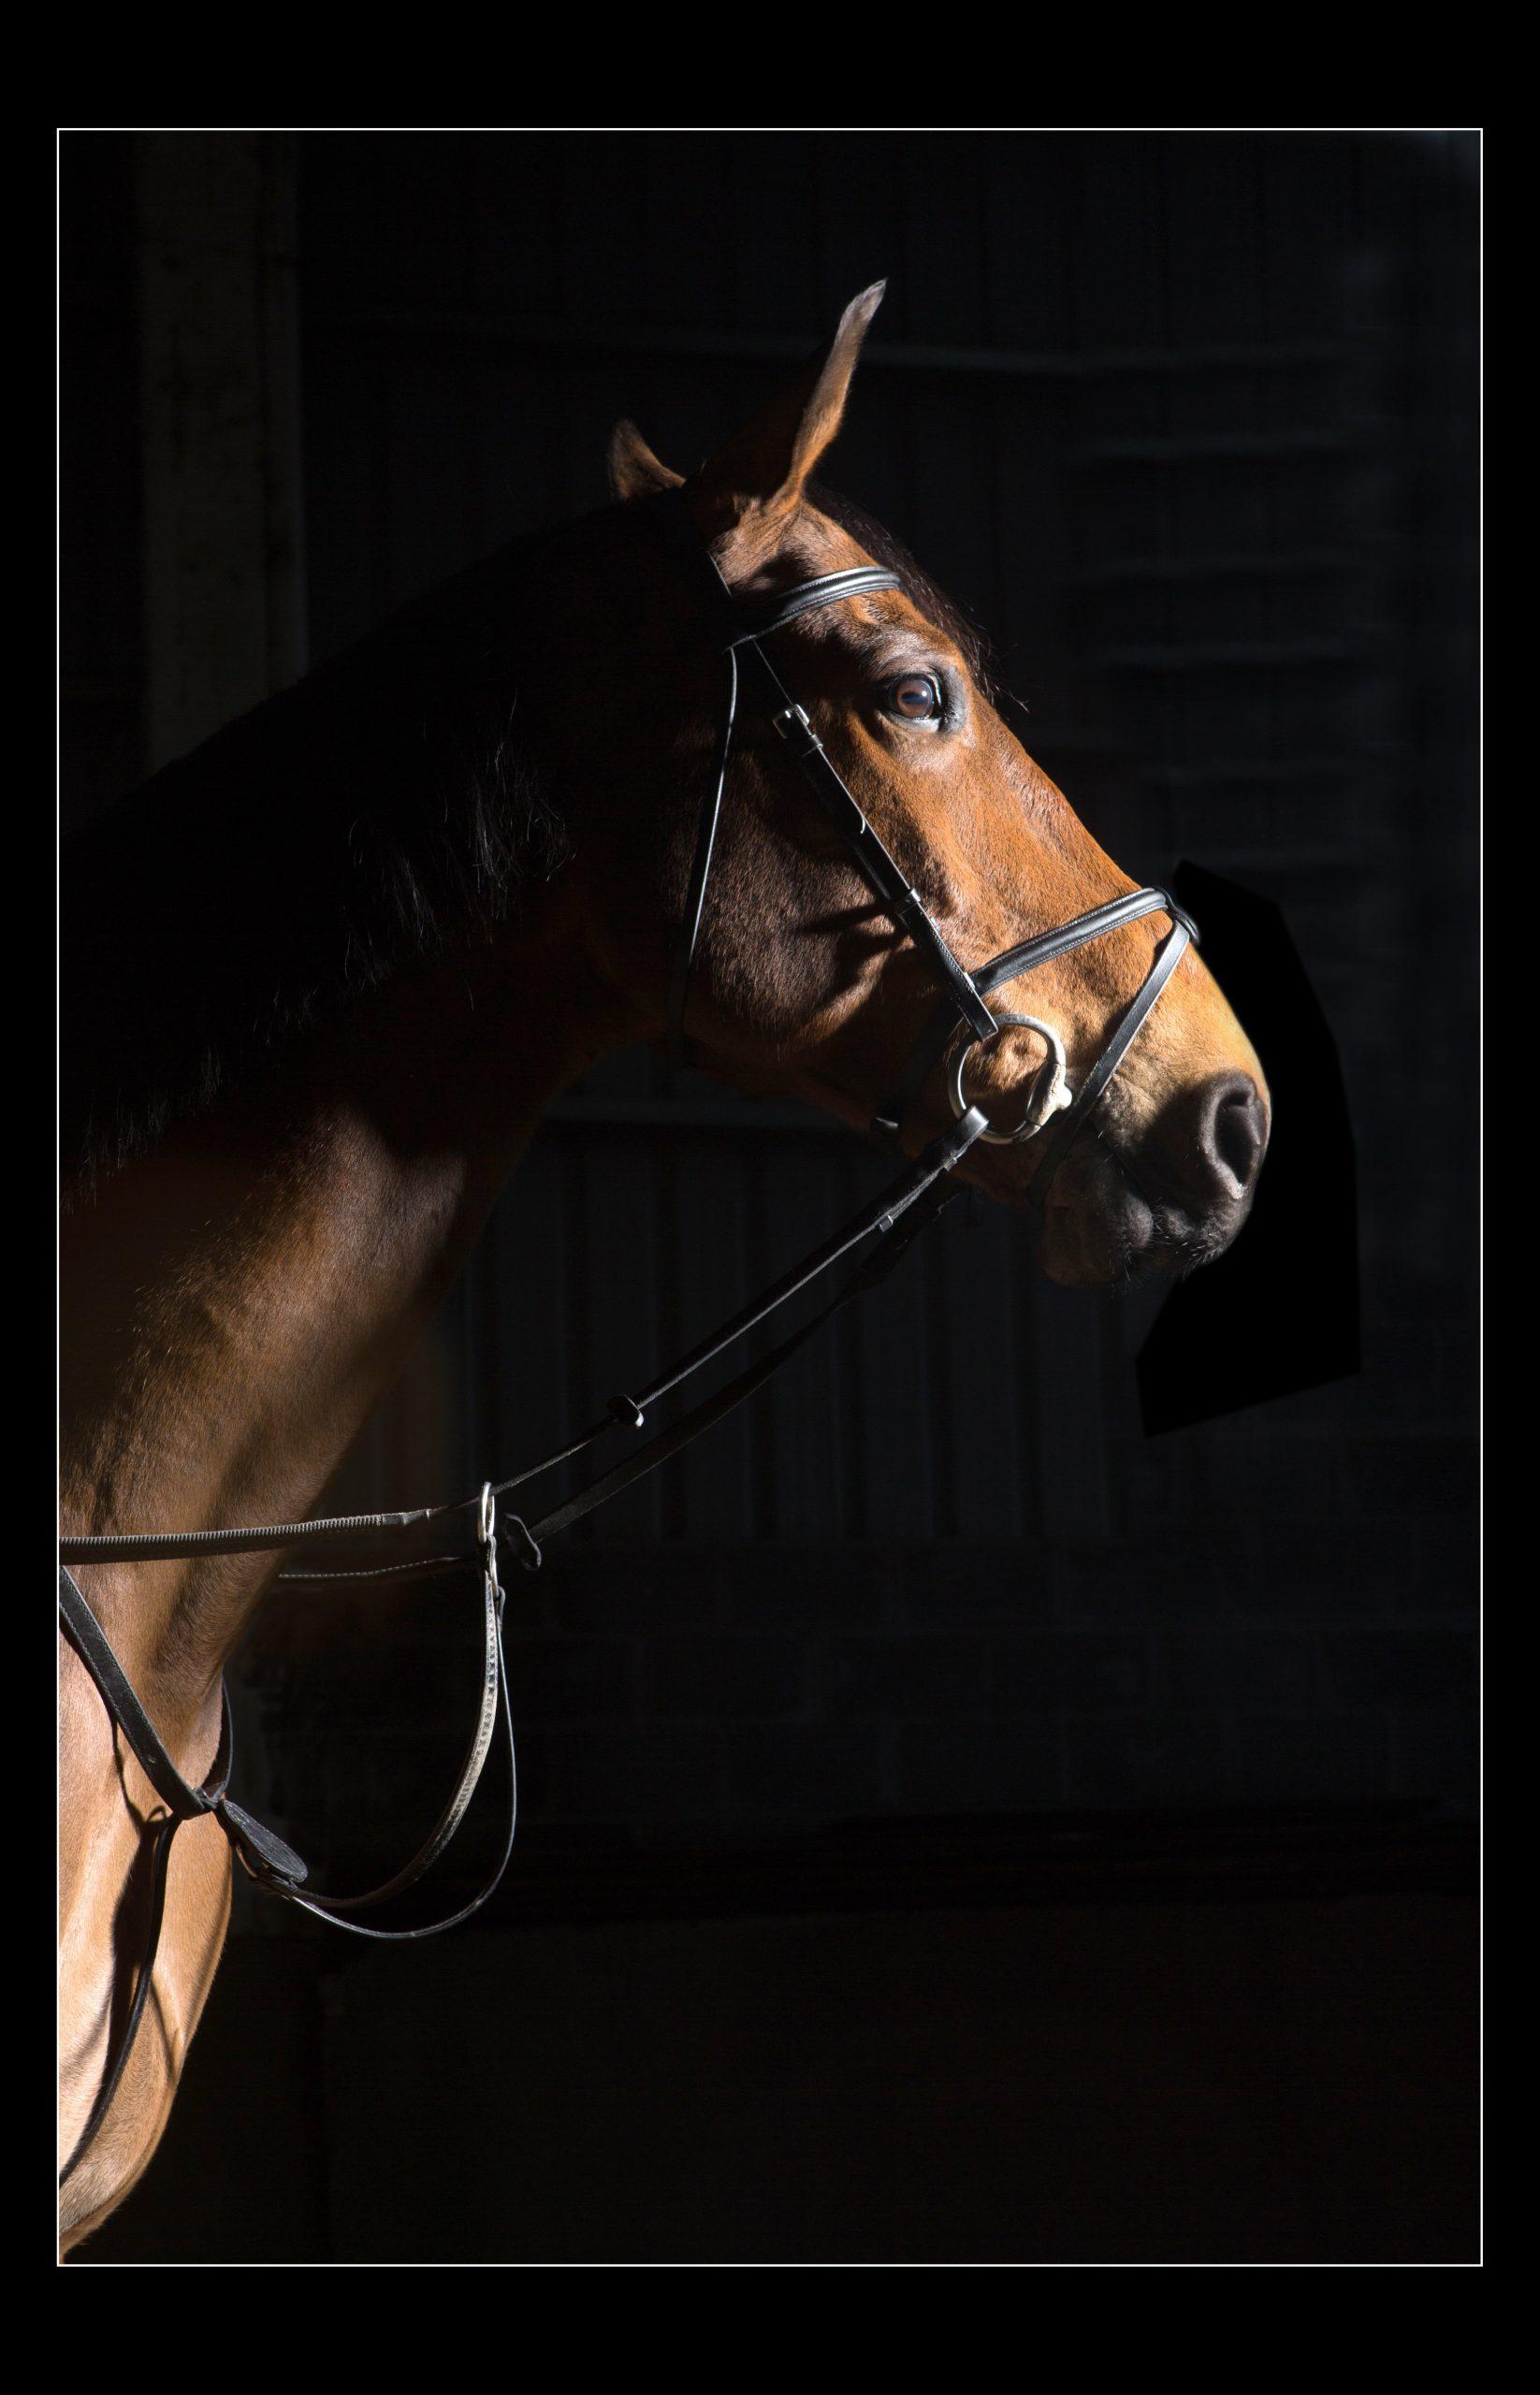 horse_portrait_equine_035-min